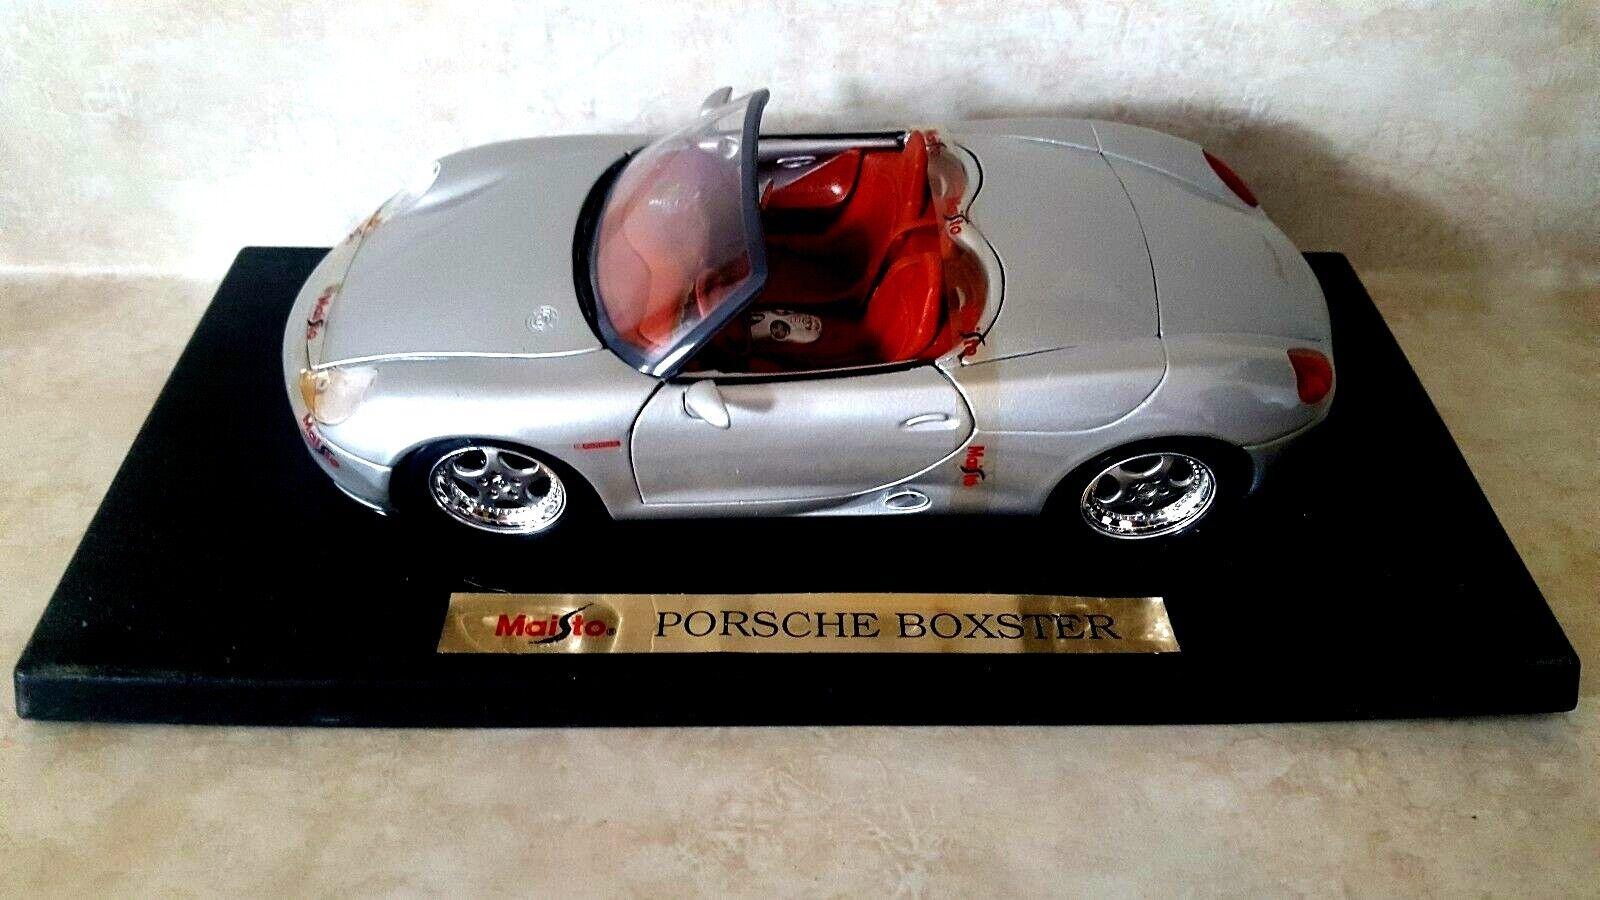 Maisto 1 18 Diecast Porsche Boxster Converdeible De argento 31814 con caja limitada